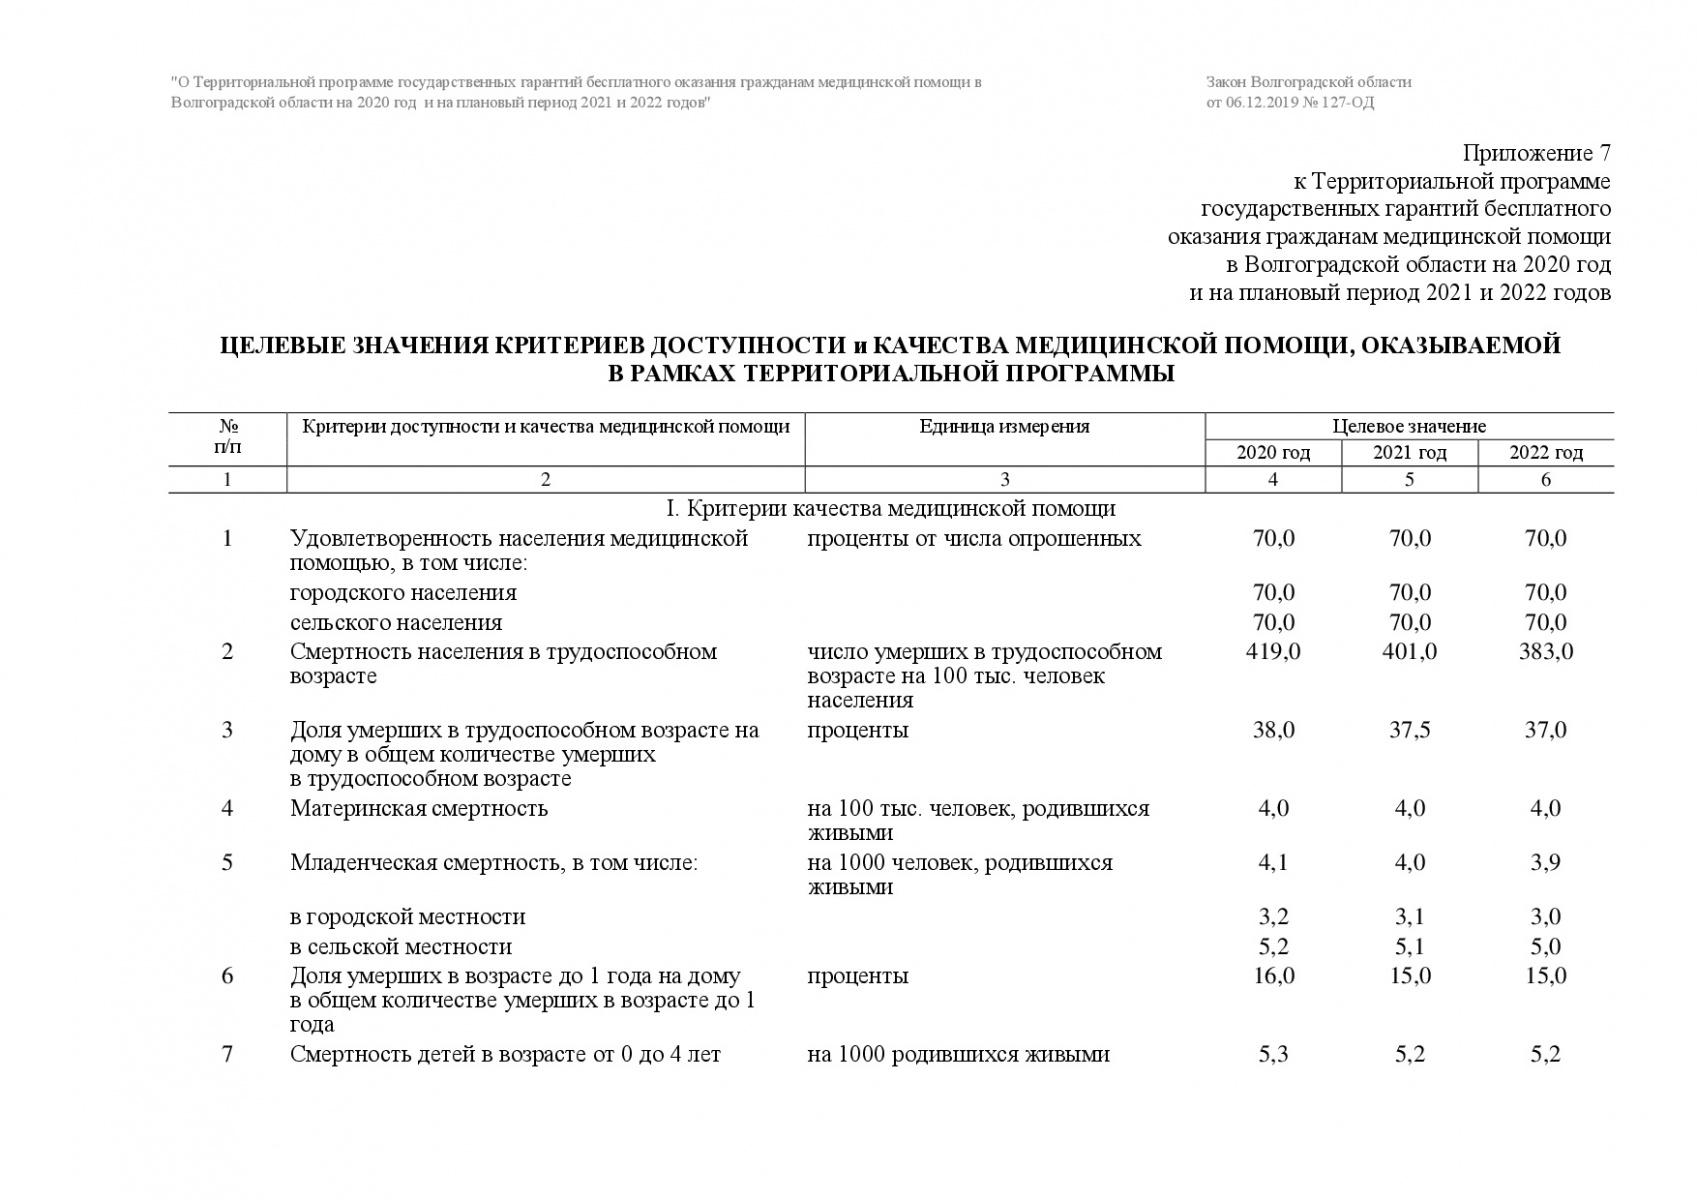 Prilozhenie-7-127-OD-001